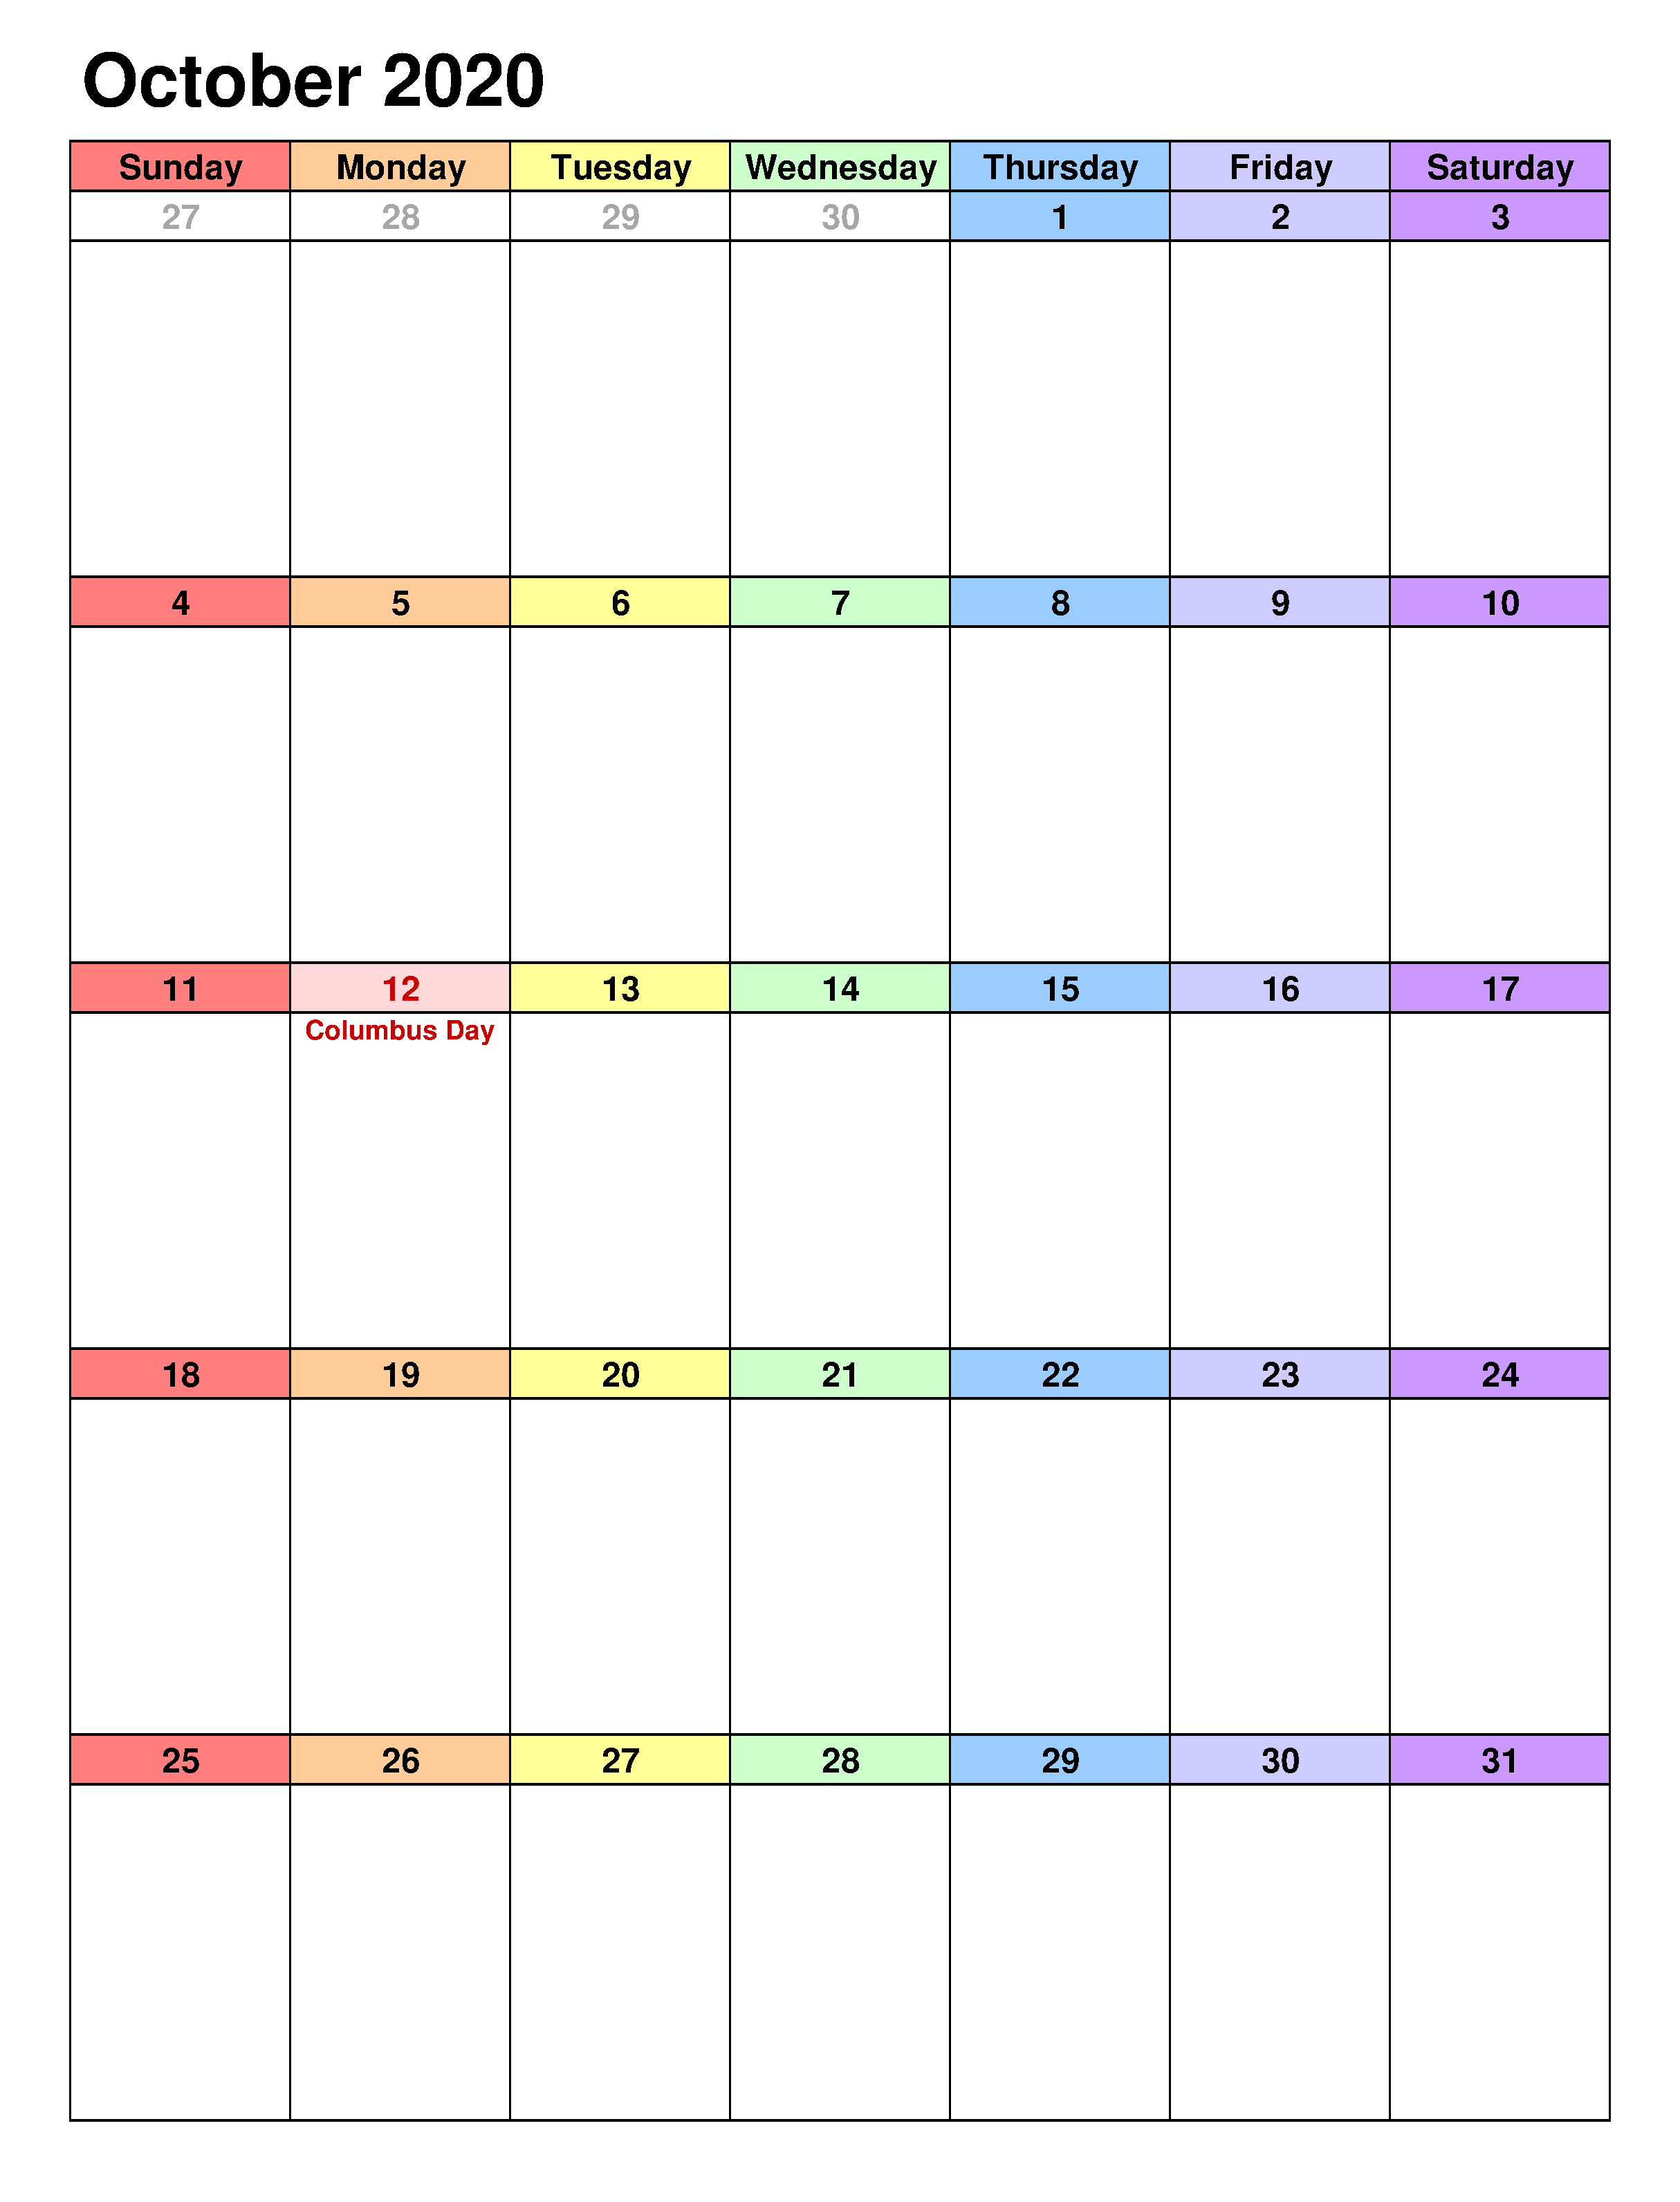 Portrait Calendar For October 2020 Excel